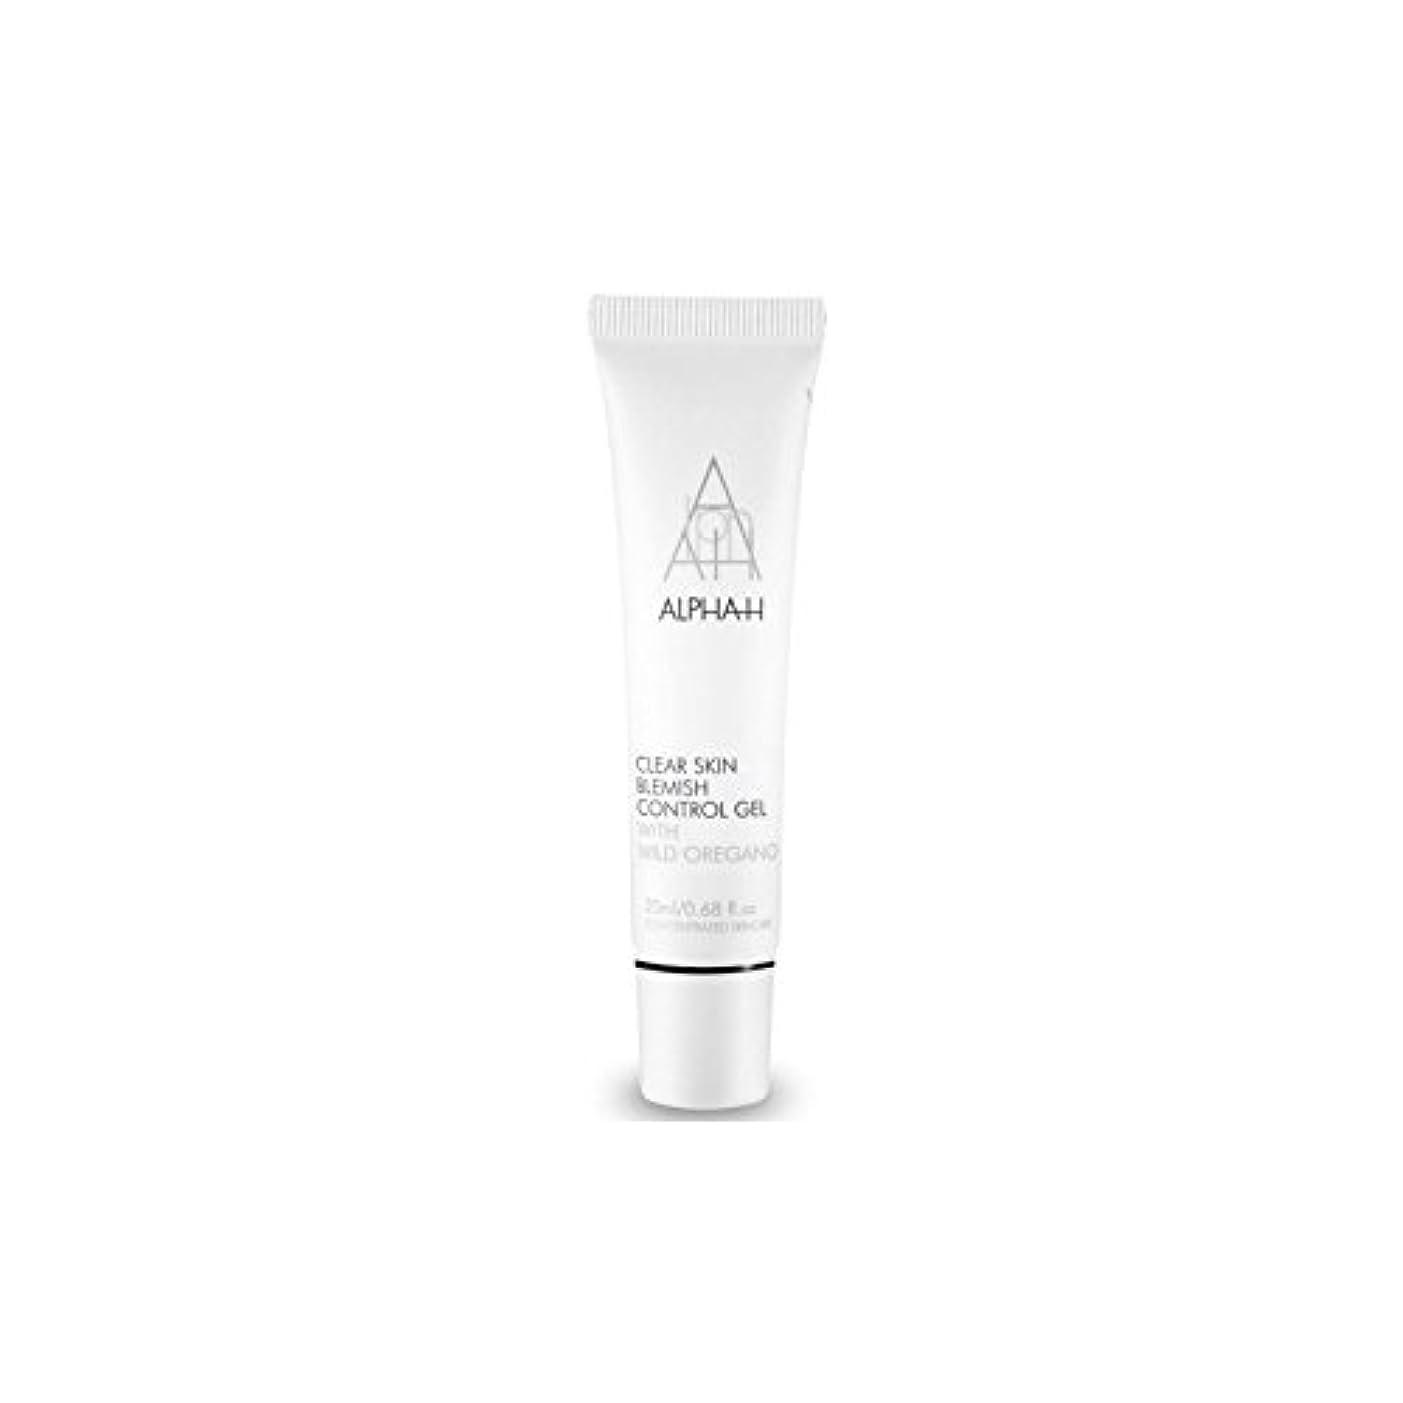 払い戻しポイント樫の木Alpha-H Clear Skin Blemish Control Gel (20ml) - アルファクリア皮膚傷制御ゲル(20)中 [並行輸入品]